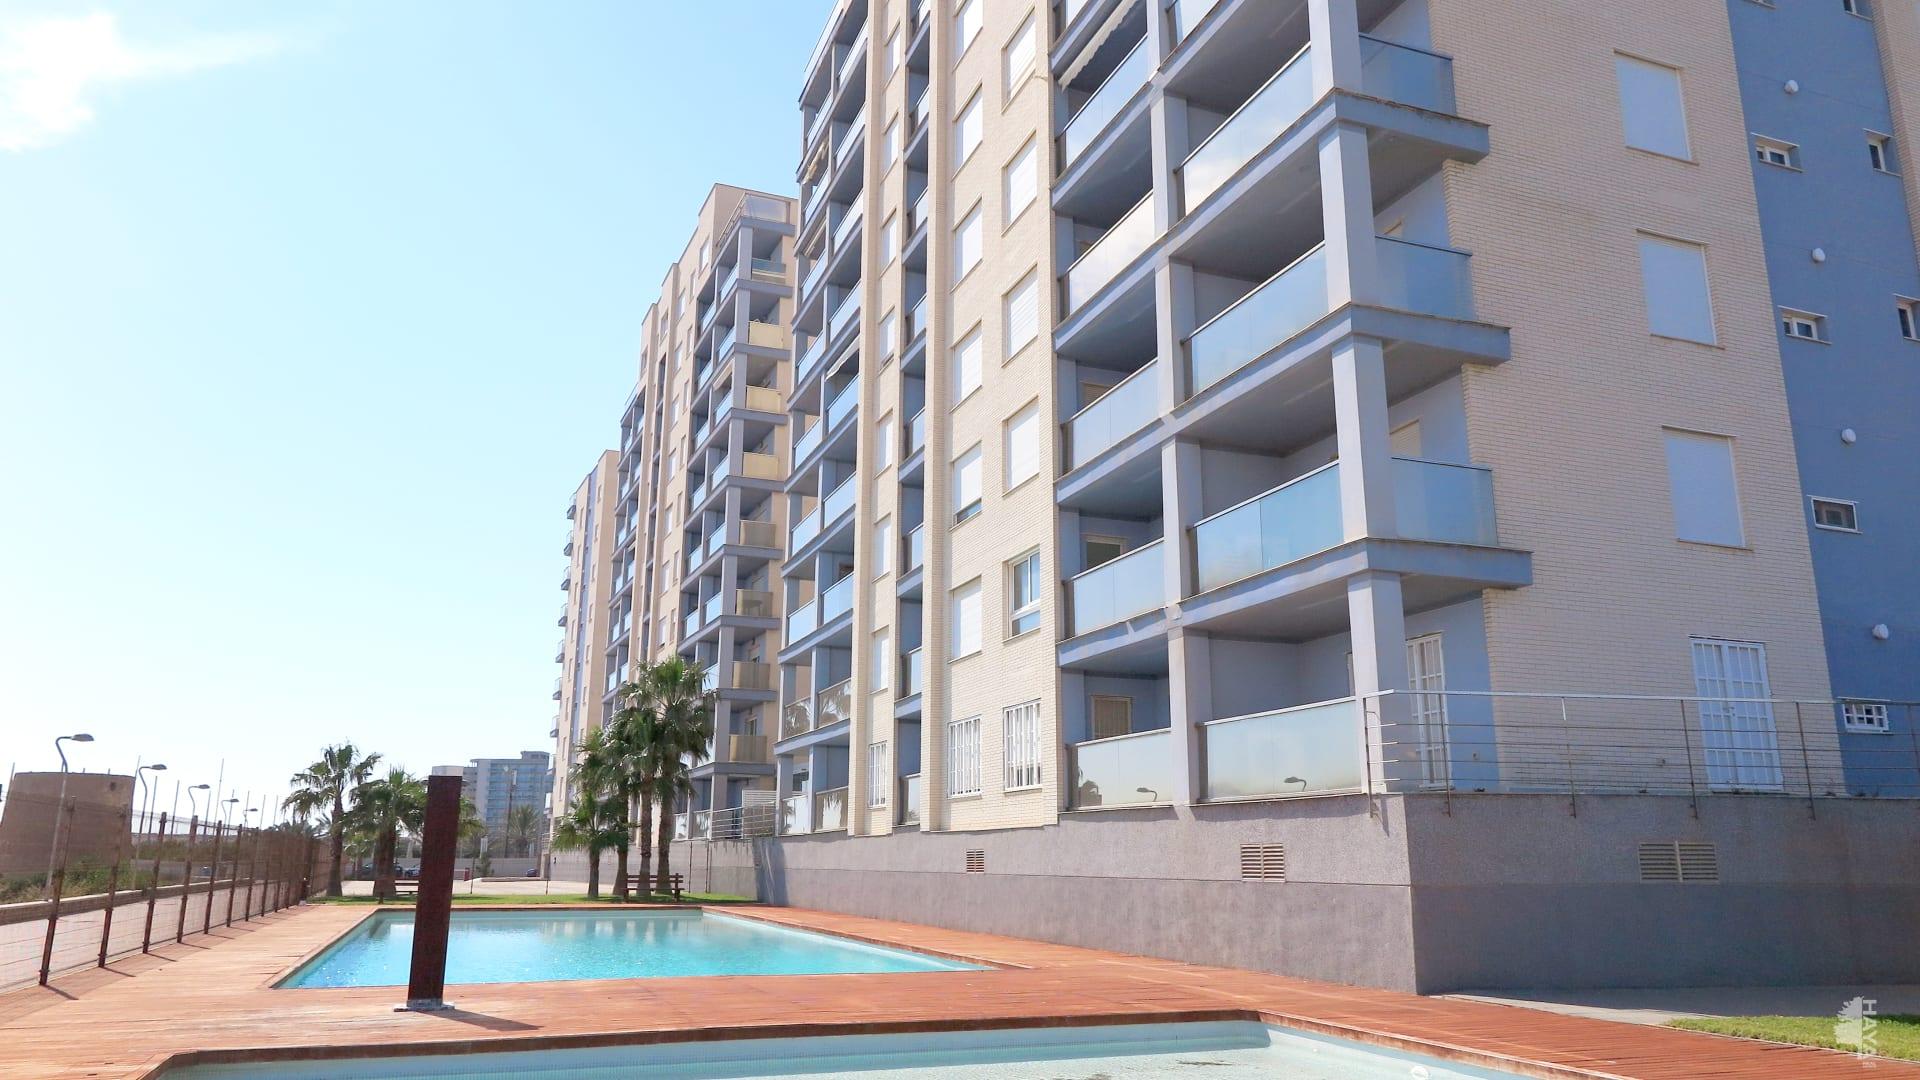 Piso en venta en San Javier, Murcia, Calle Prolongación Pol F. Conj Resid. Veneziola Golf Ii, 93.000 €, 1 habitación, 1 baño, 60 m2